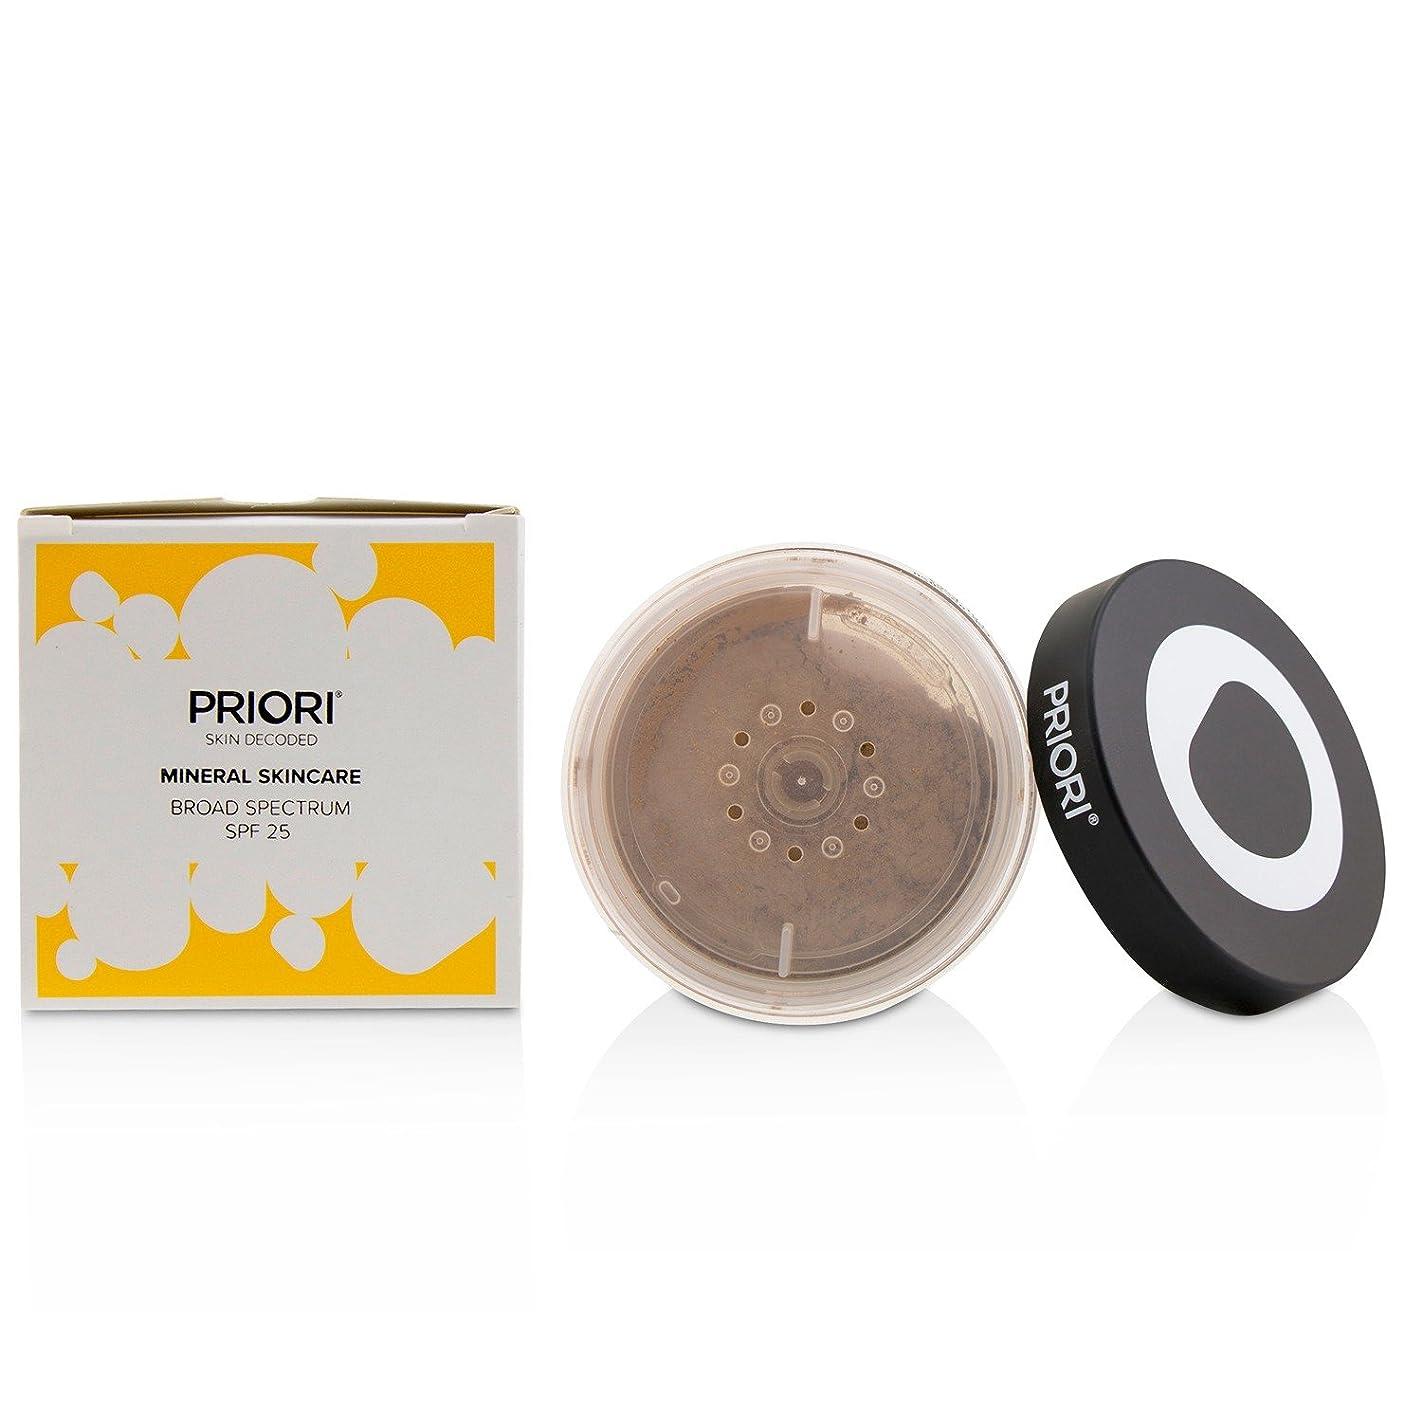 ブラウズスカート言語プリオリ Mineral Skincare Broad Spectrum SPF25 - # Shade 5 5g/0.17oz並行輸入品